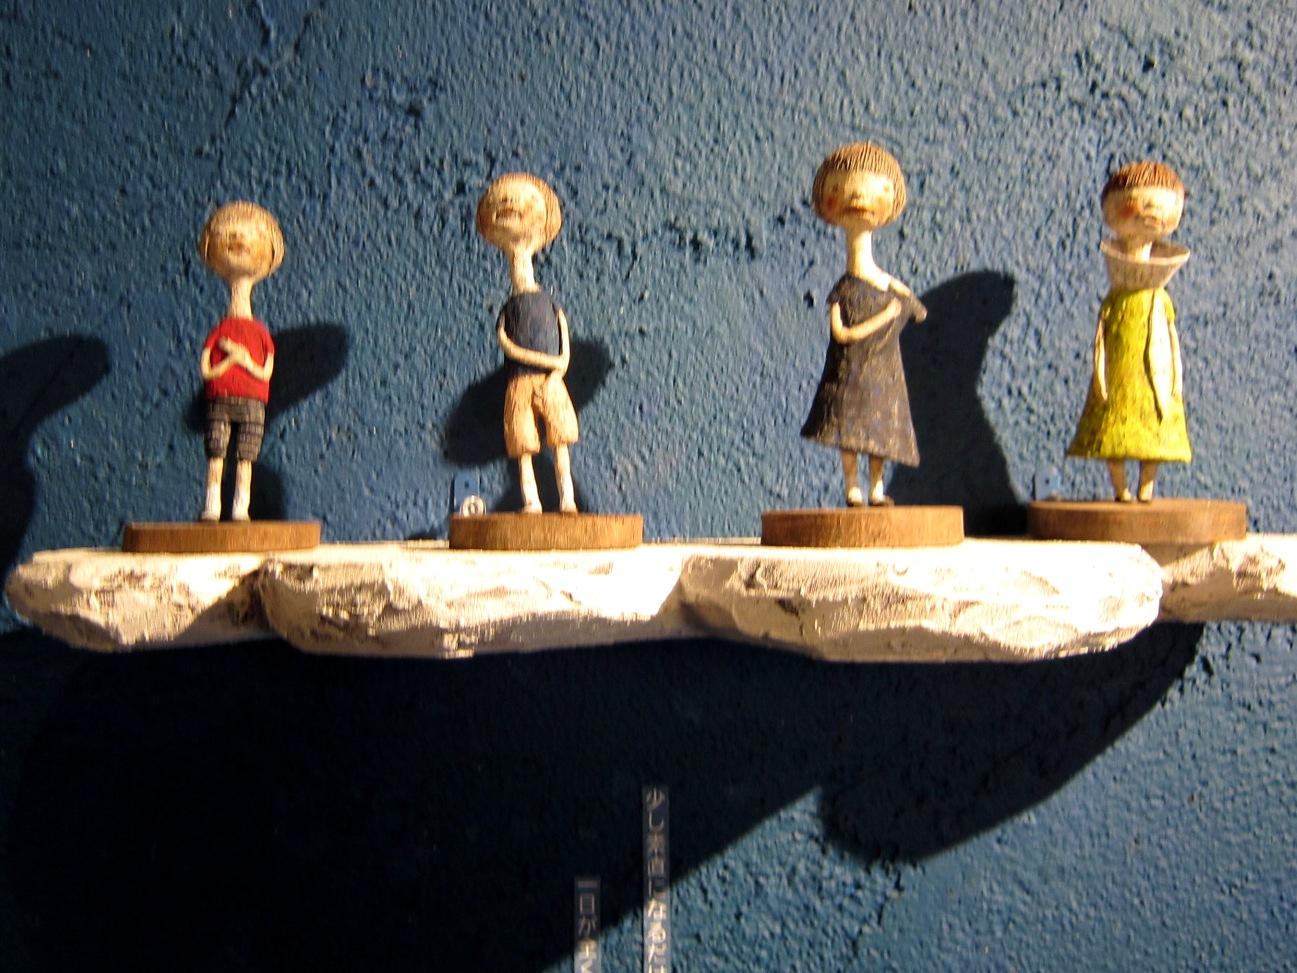 2207)「経塚真代 KEIZUKA MASAYO 造形作品展 『ちいさくて見えない星』」エスキス 9月5日(木)~10月1日(火)_f0126829_10303262.jpg